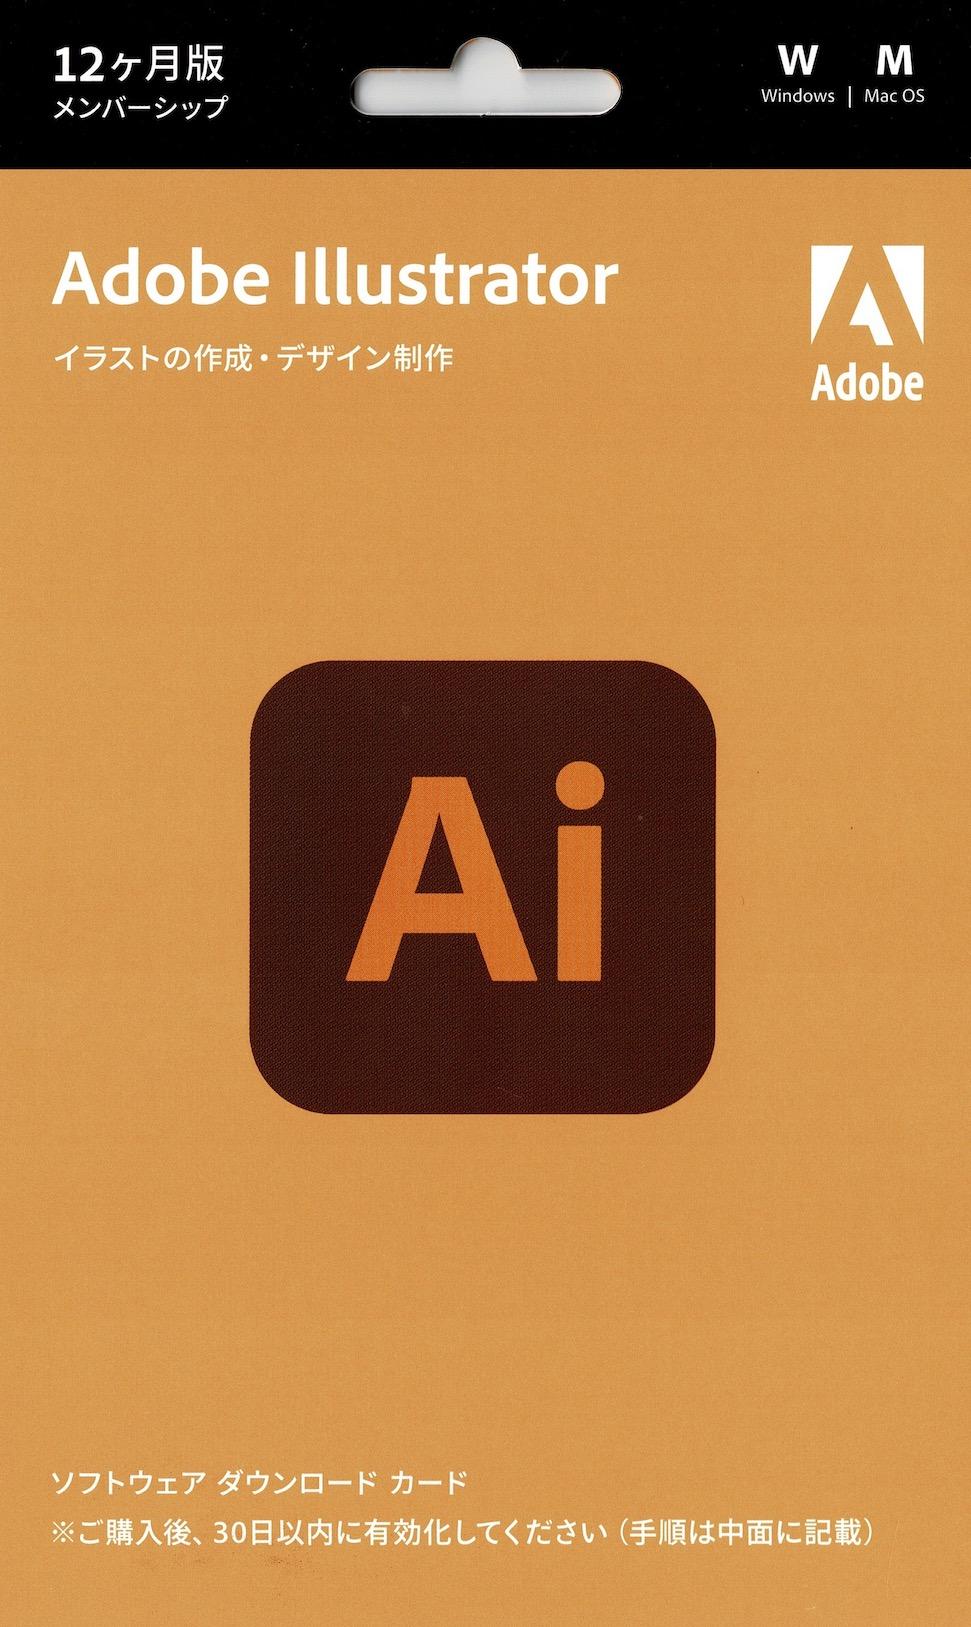 Adobe Illustrator 高級 アドビ イラストレーター おすすめ Creative Cloud Windows 12か月版 Mac クリエイティブクラウド カード版